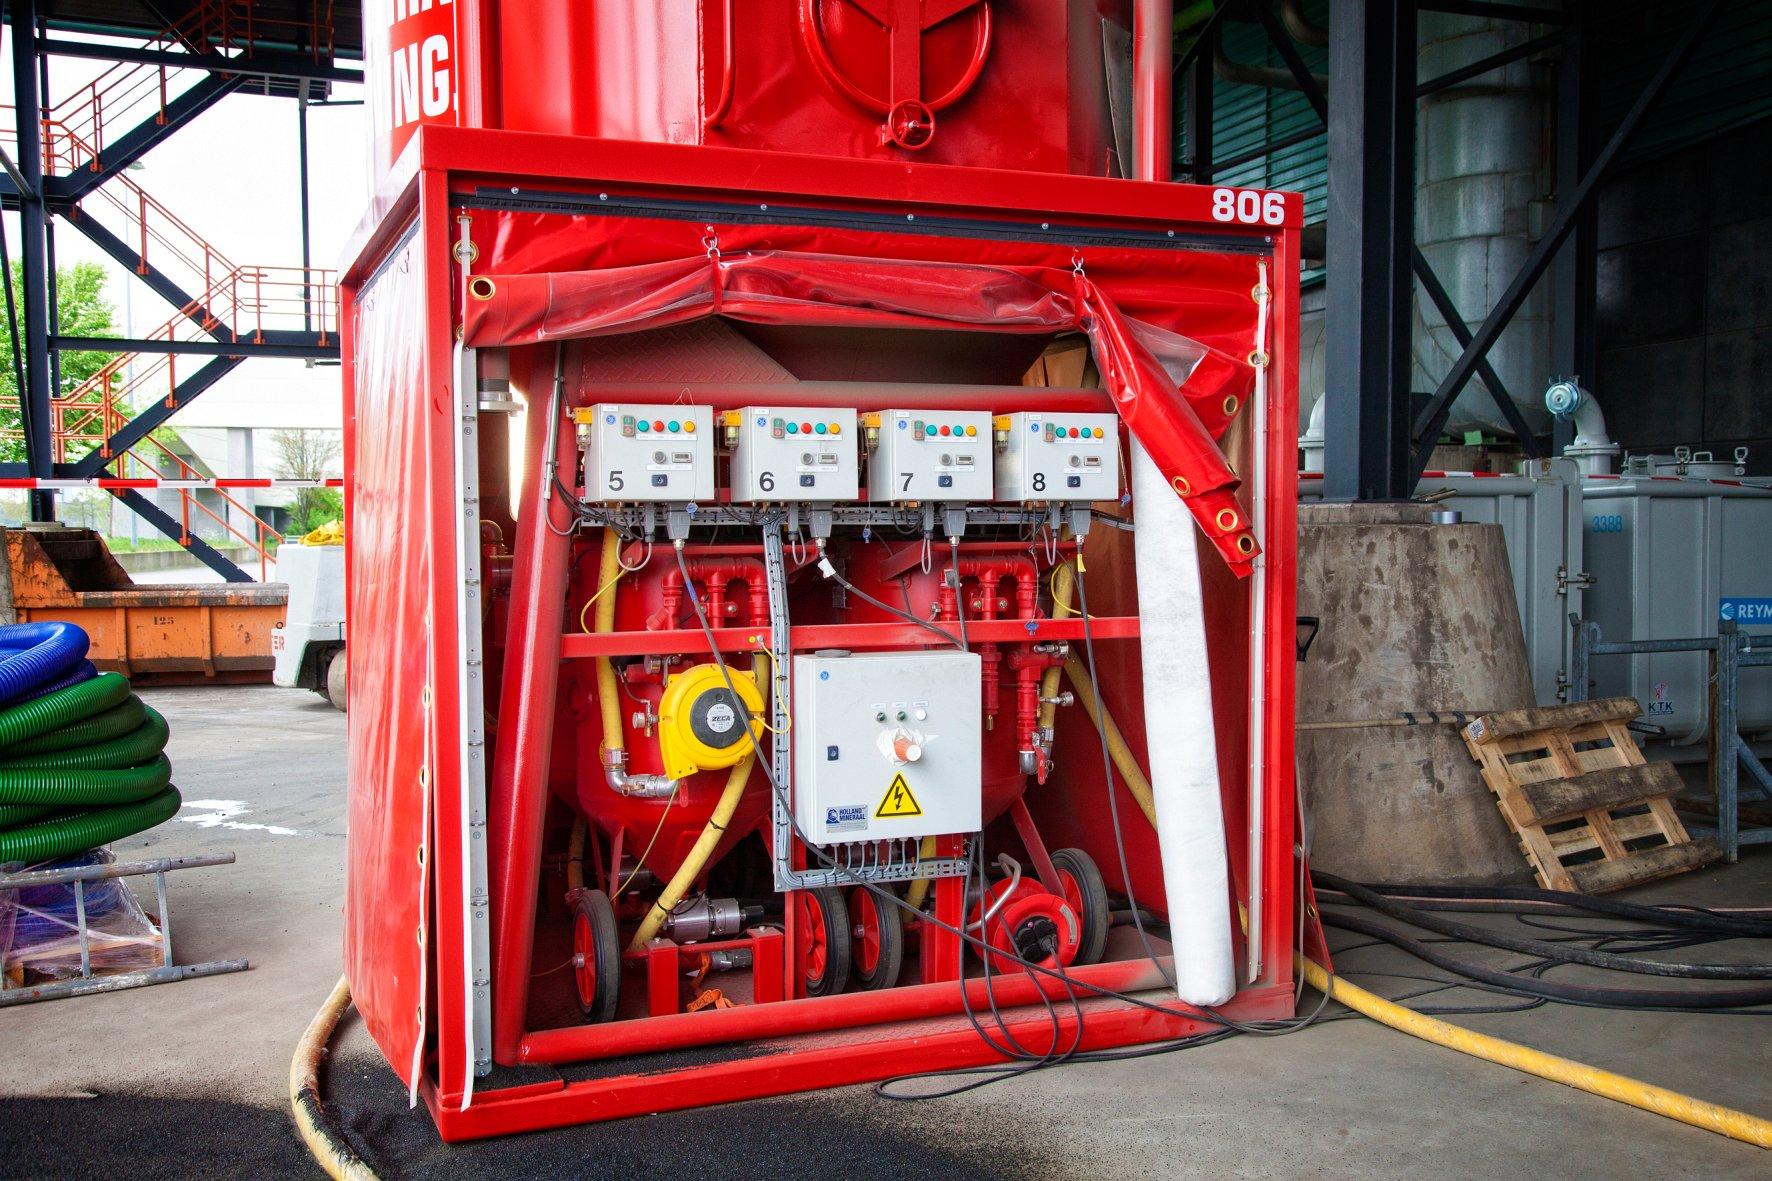 Conservator-straalequipment-78068